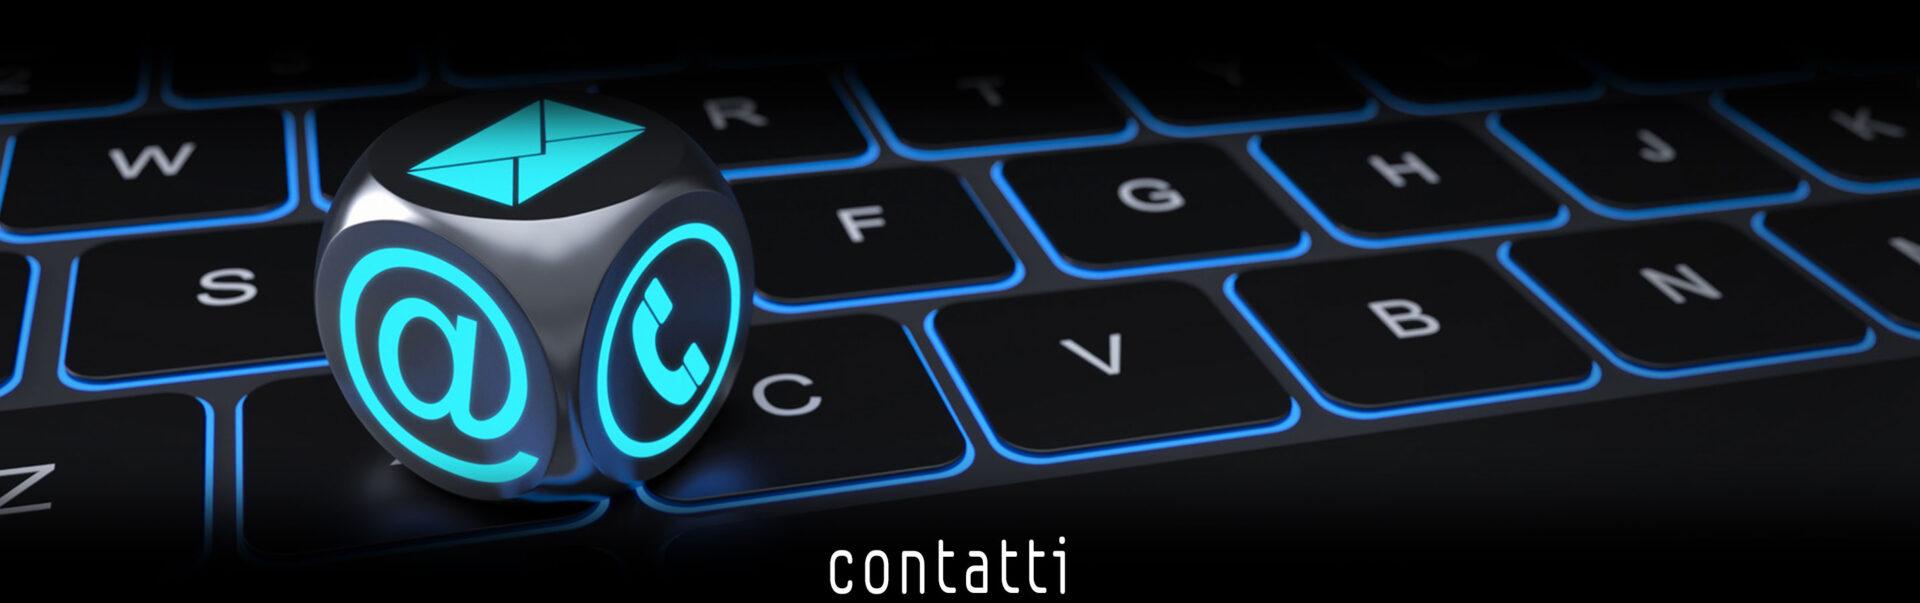 heatile_contatti